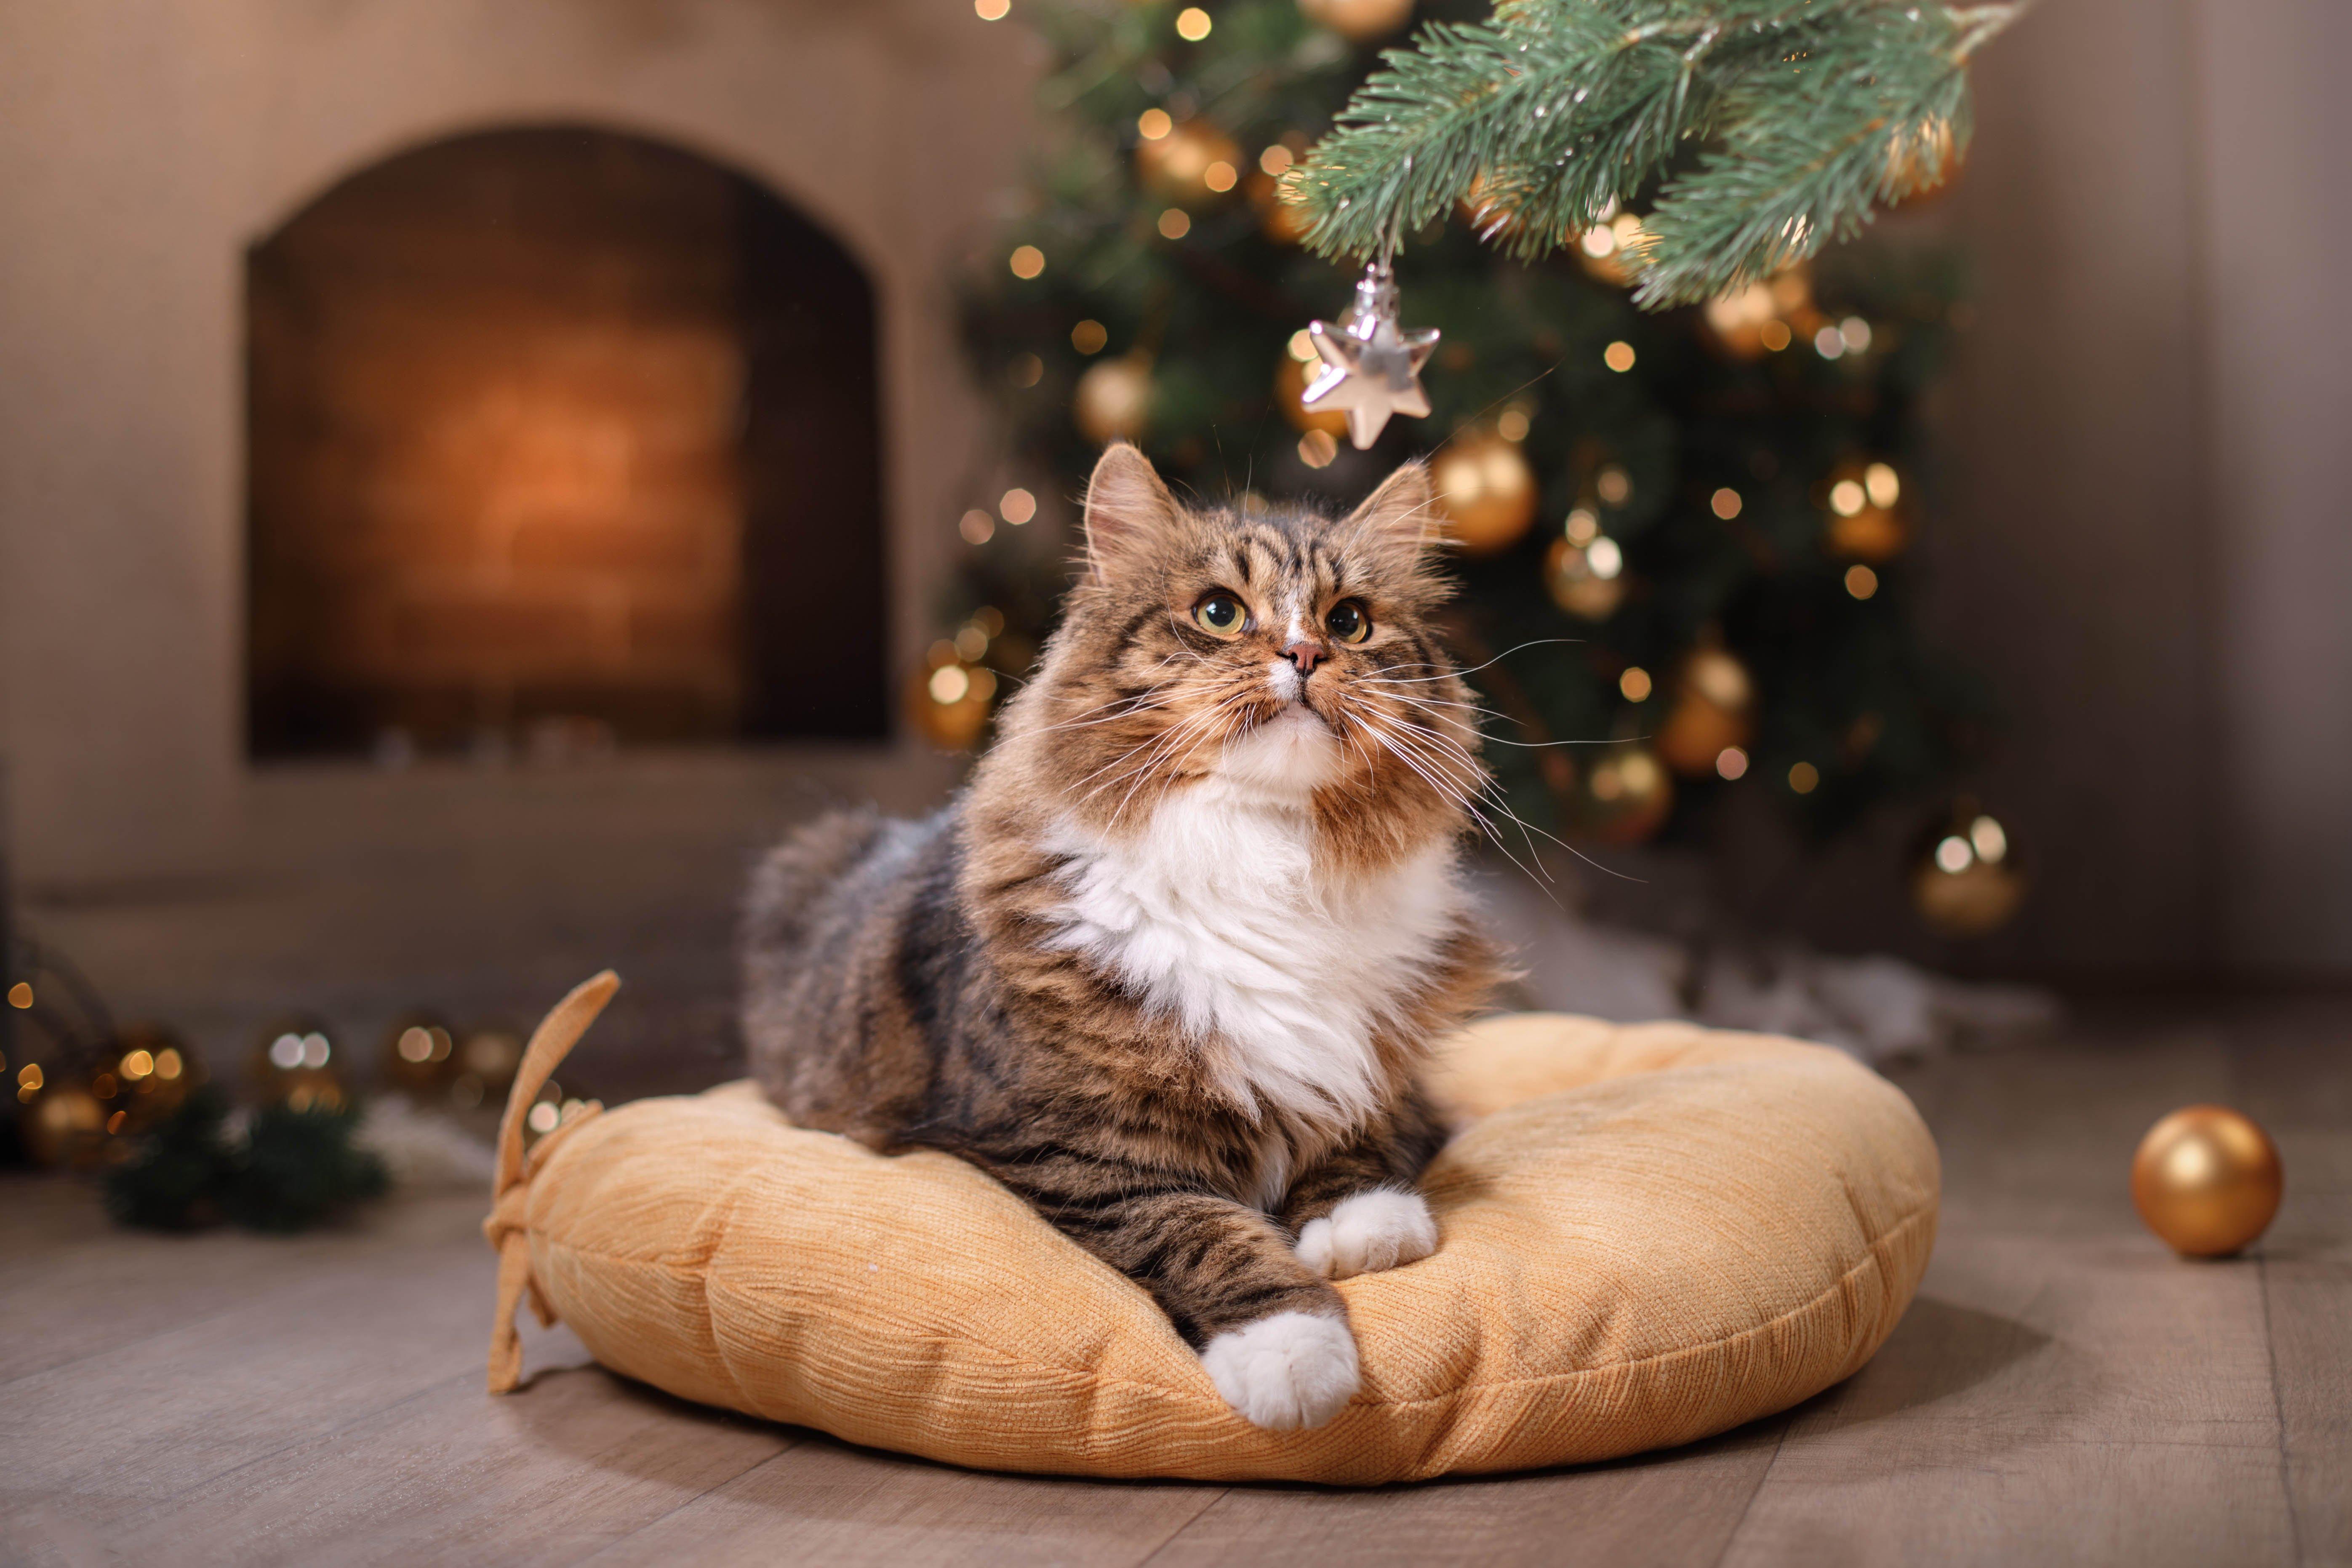 Weihnachten mit Katze Rückzugsorte einrichten